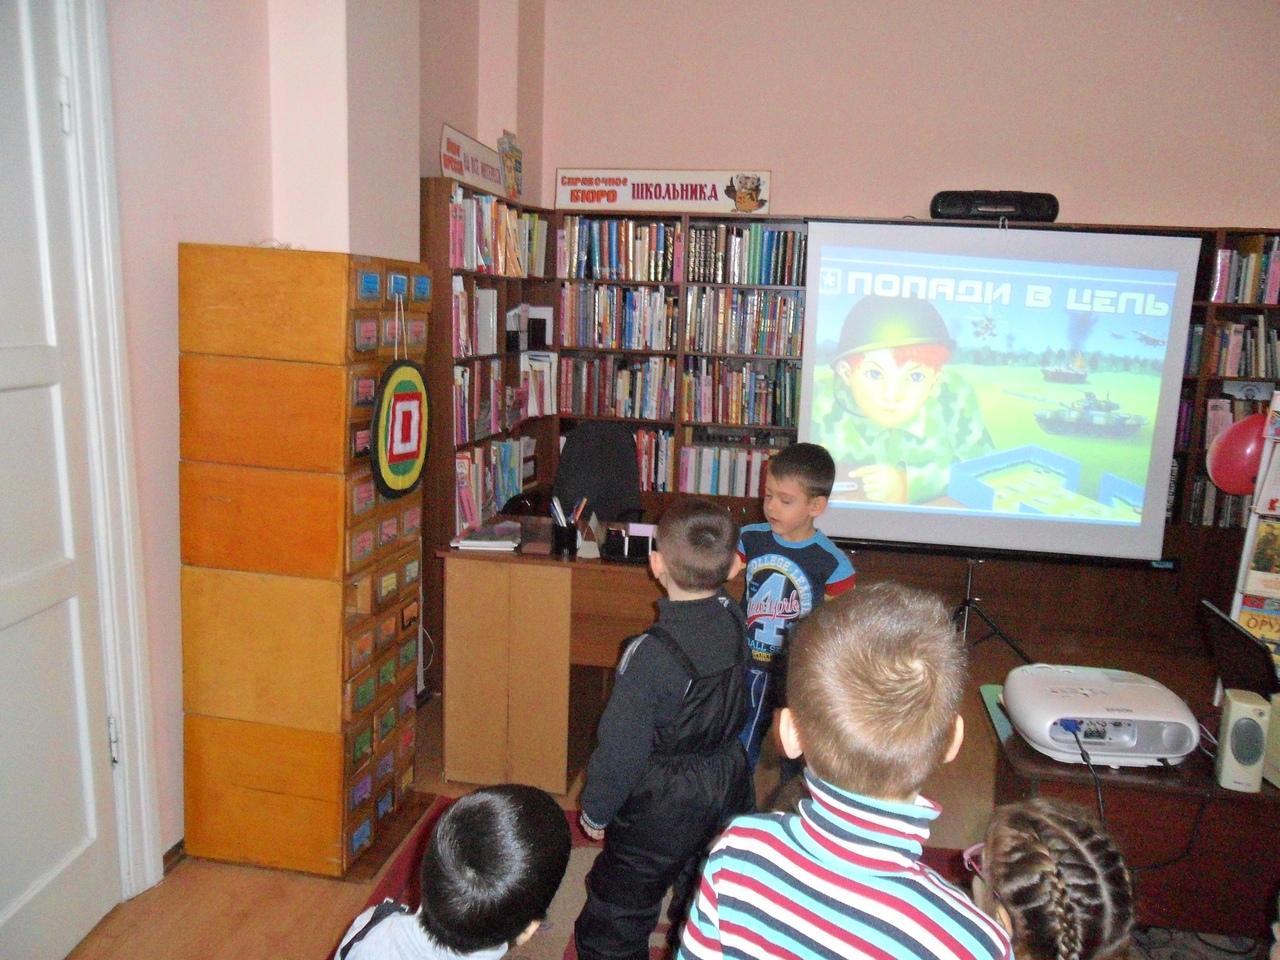 день защитника отечества, патриотическое воспитание детей, донецкая республиканская библиотека для детей, отдел искусств